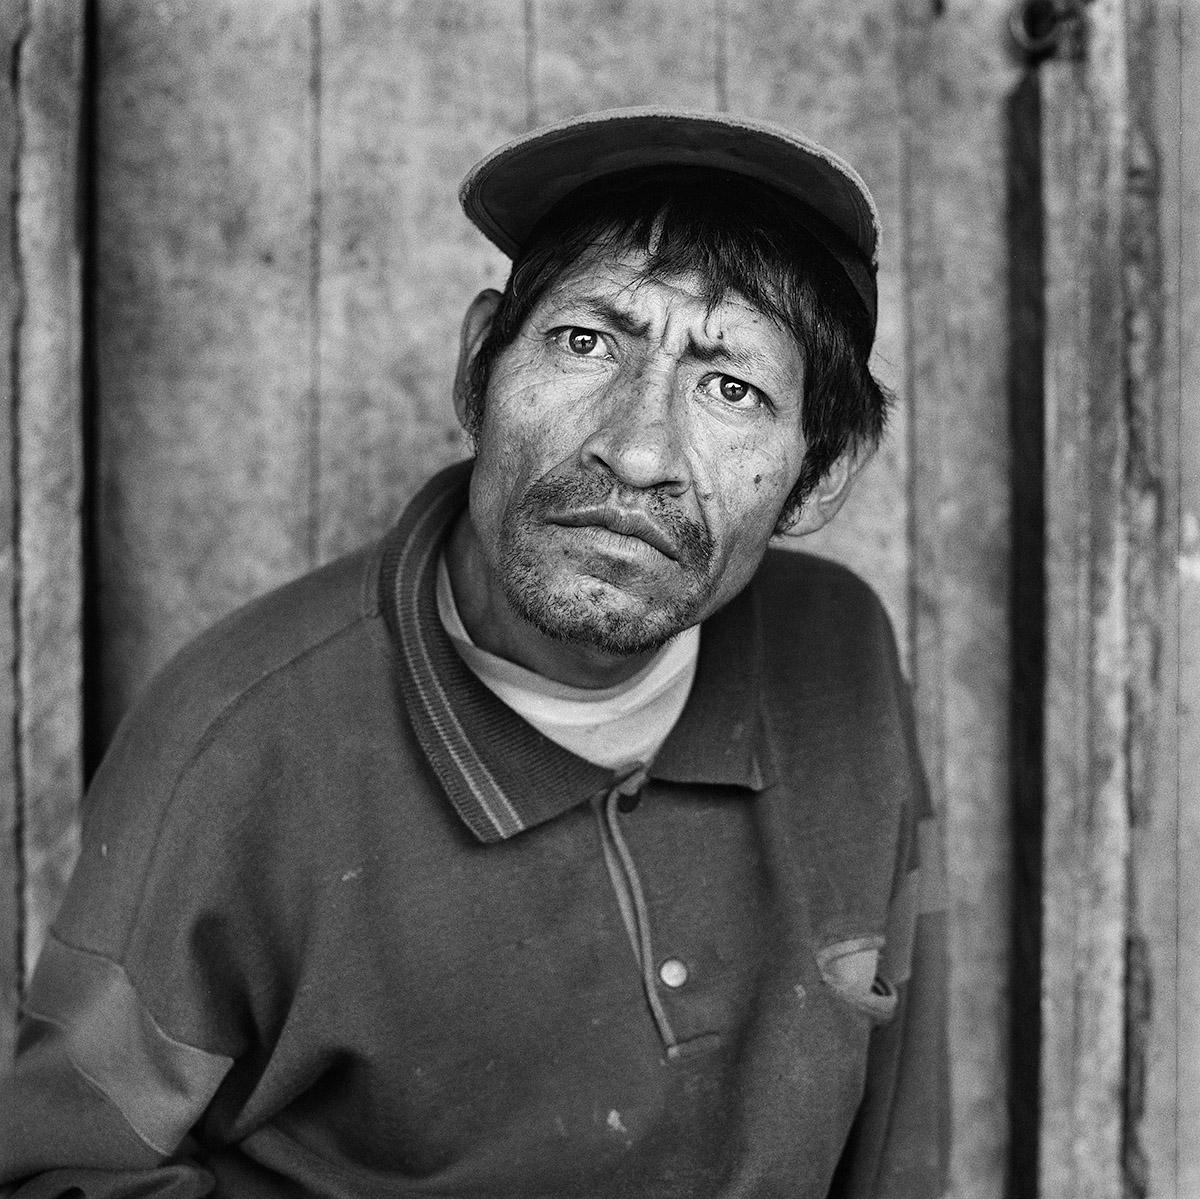 """Penipe, Ecuador, 2015.  """"Vivo alle pendici del vulcano Tungurahua. So già che un giorno dovremo lasciare tutto e abbandonare questo posto per l'attività del vulcano e i rischi di un'eruzione."""""""